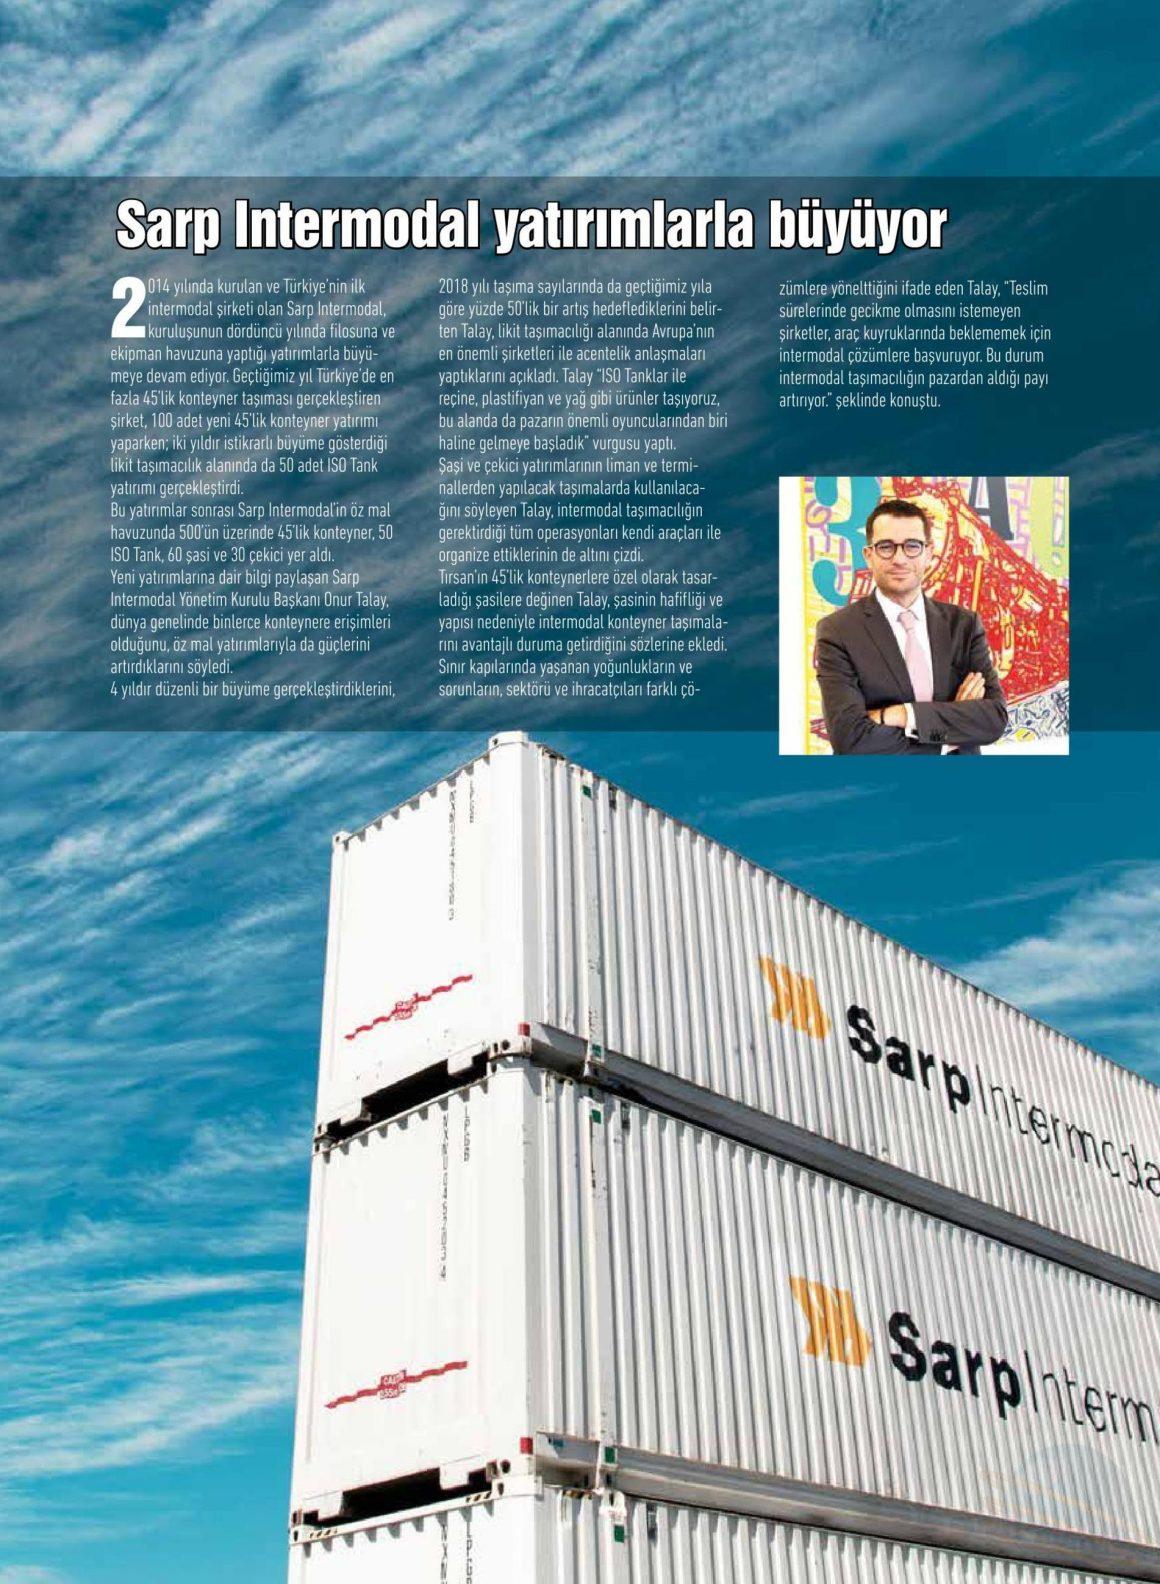 SARP INTERMODAL YATIRIMLARLA BÜYÜYOR // Transmedya Dergisi